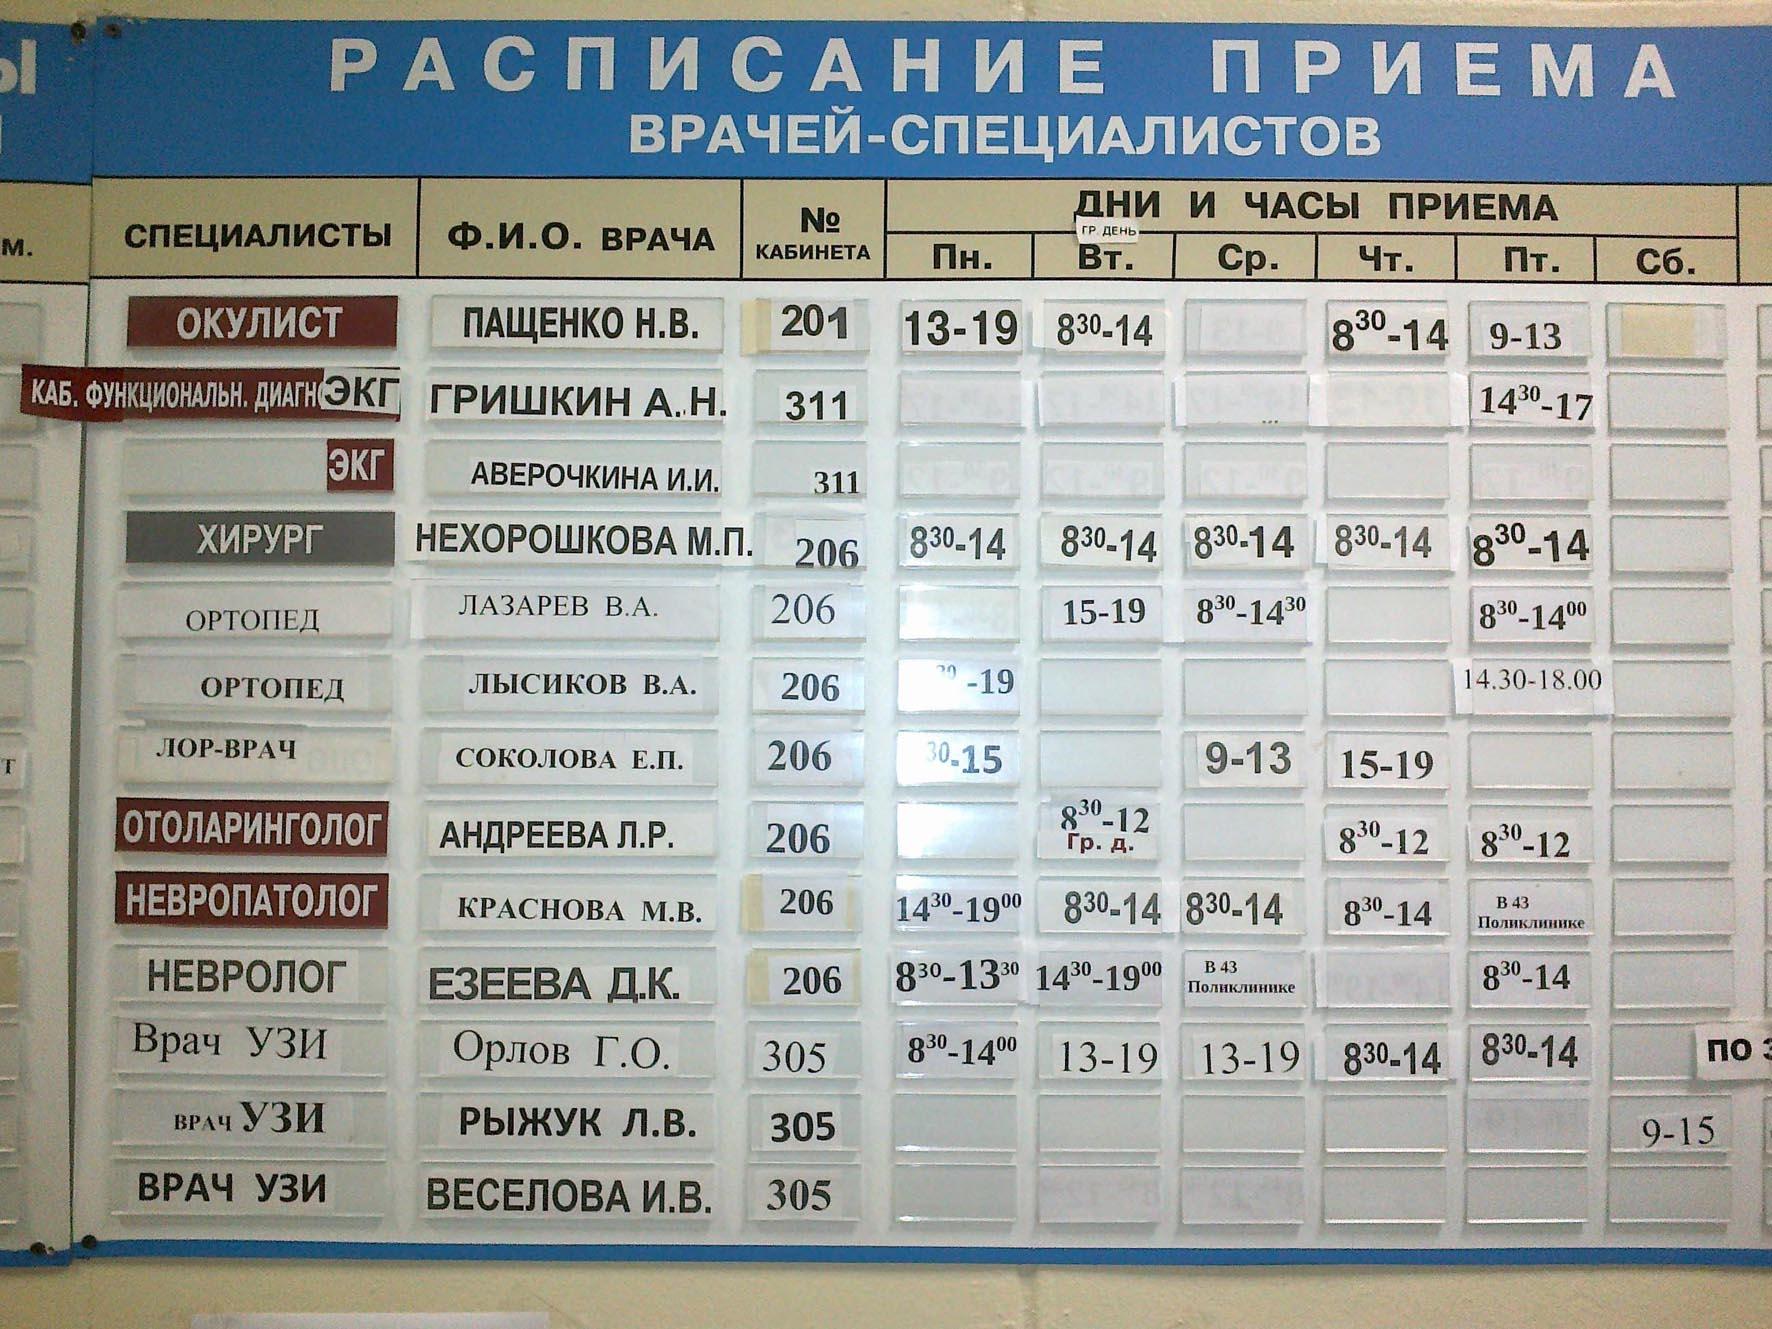 Медицинские центры в г. ижевск